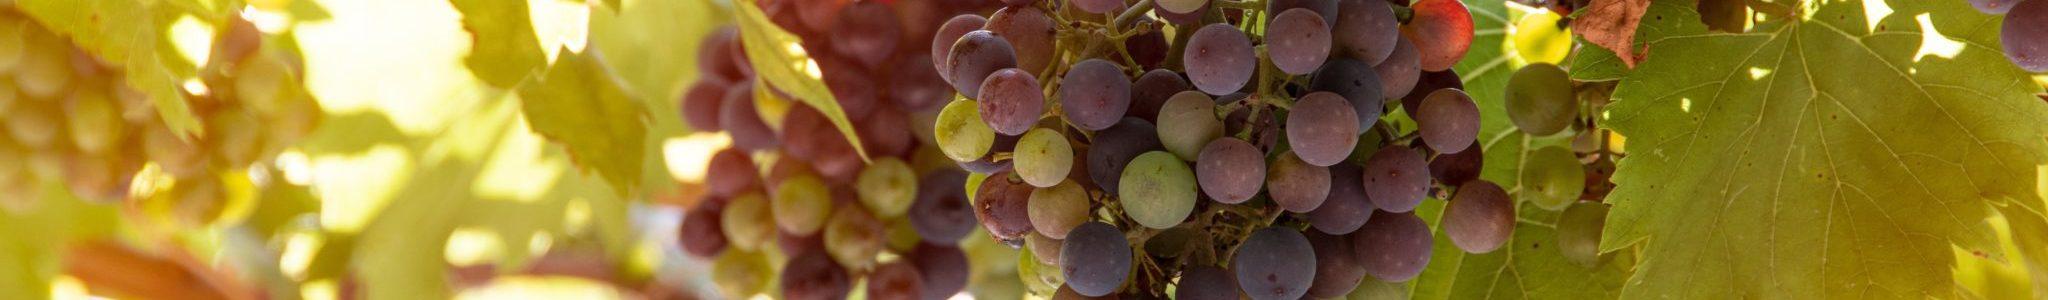 bunch of grapes 4610050 2048x300 - [Wiedza o winie] Co to jest wino?